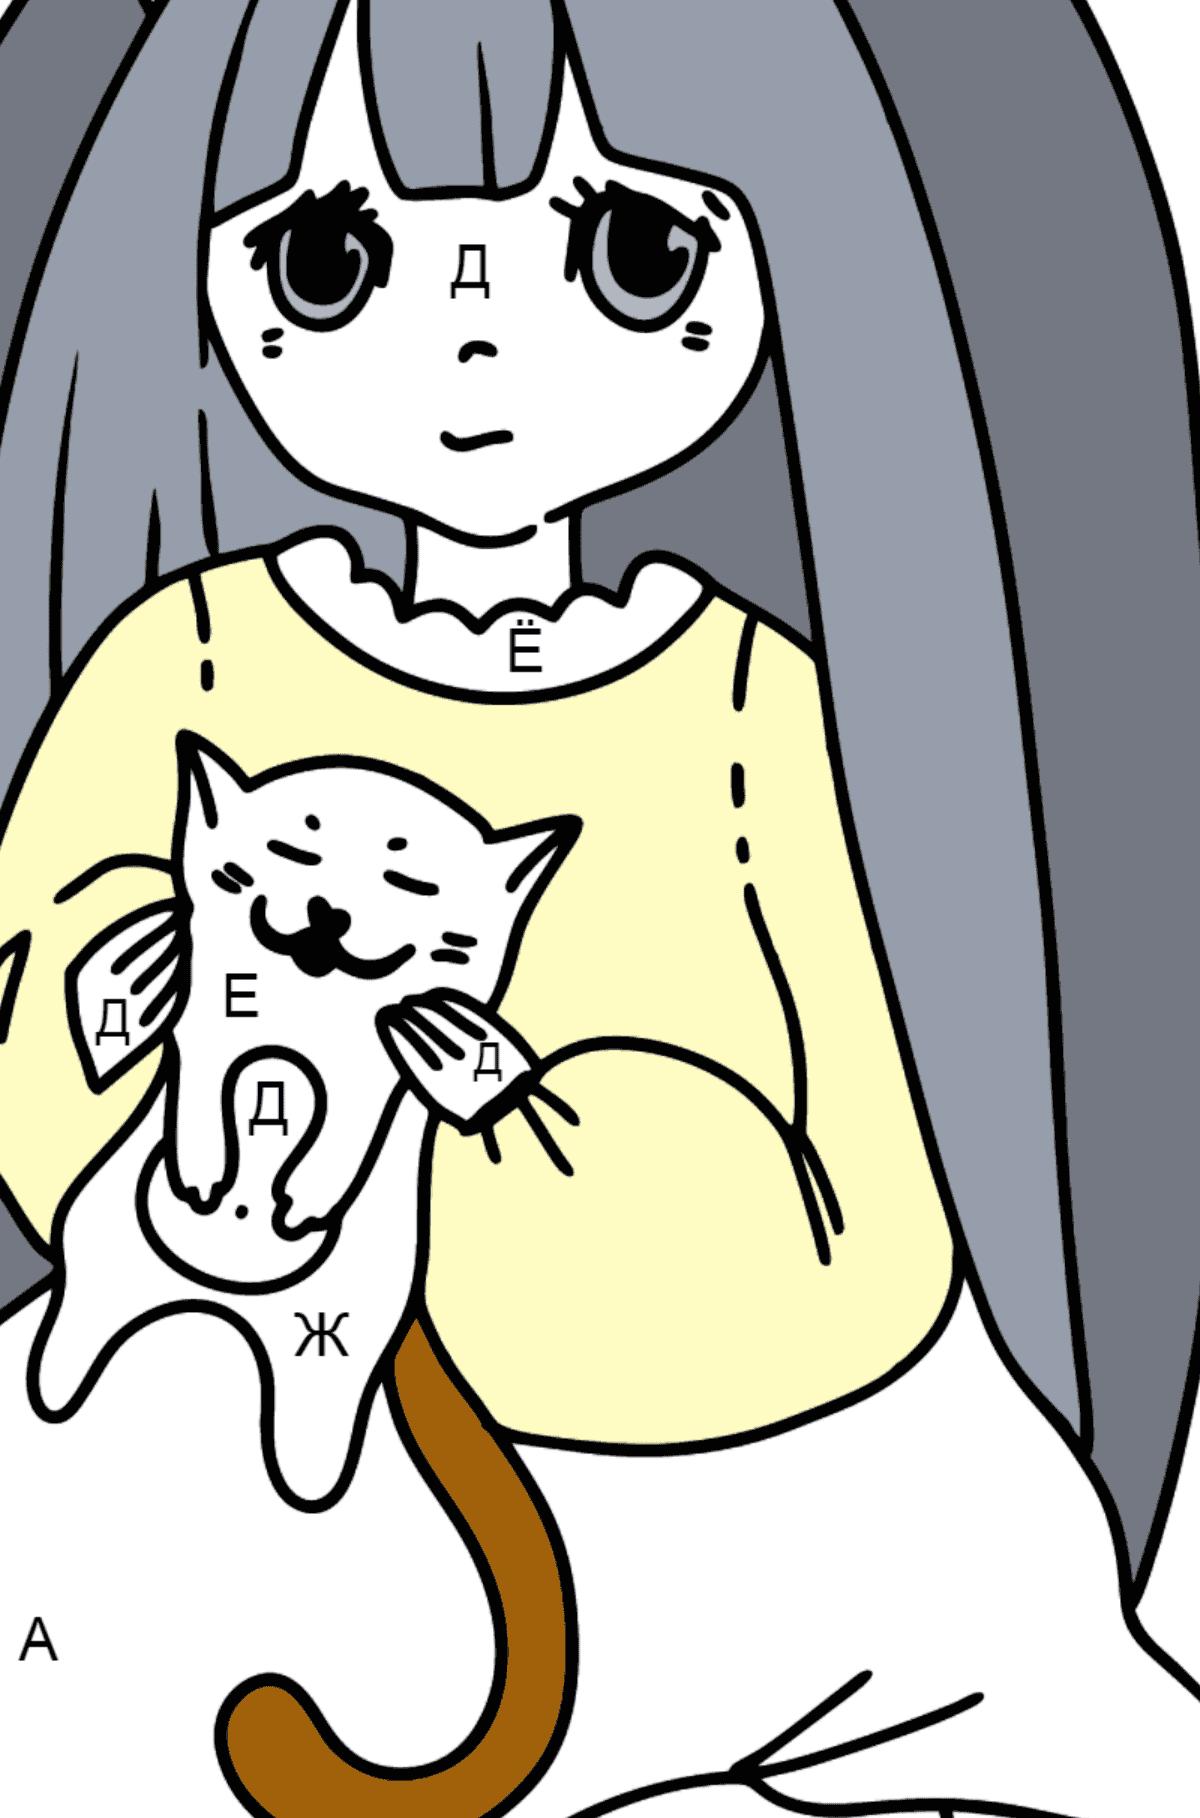 Раскраска Аниме Девушка играет с котенком - Раскраска по Буквам для Детей